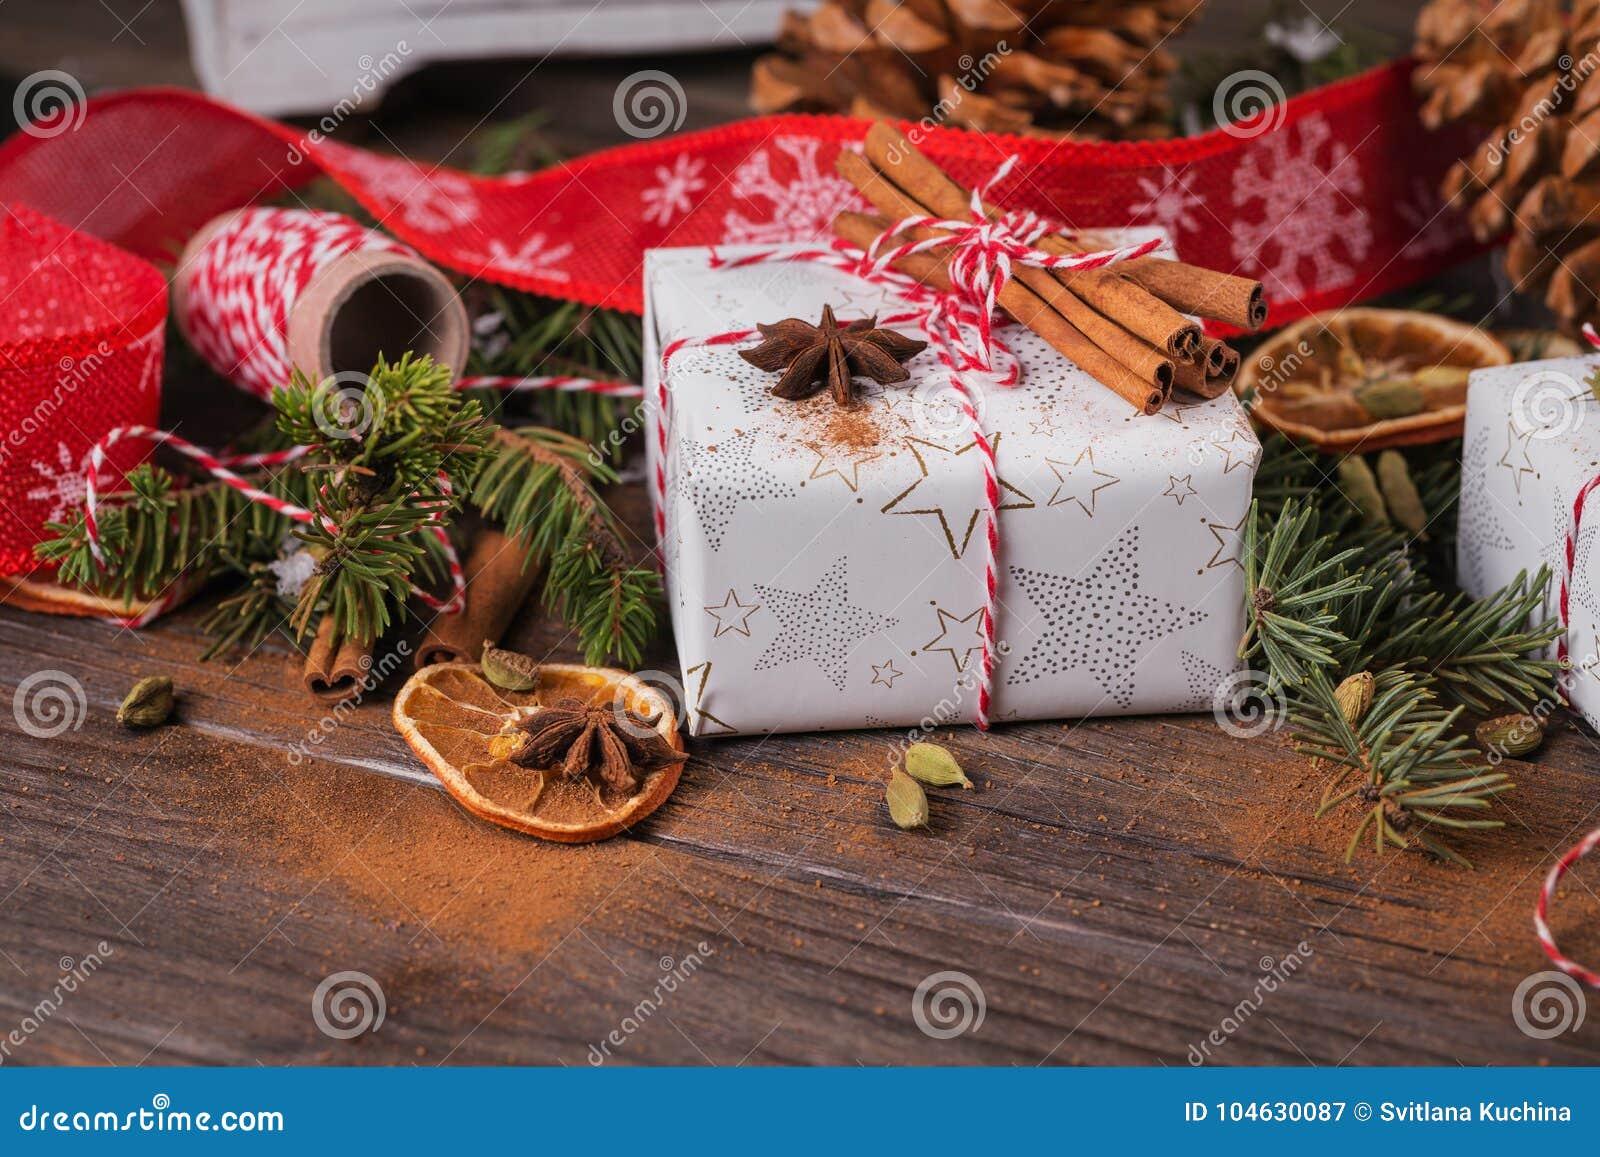 Download Kerstmisachtergrond Met Decoratie En Giftdozen Stock Afbeelding - Afbeelding bestaande uit kerstmis, huis: 104630087